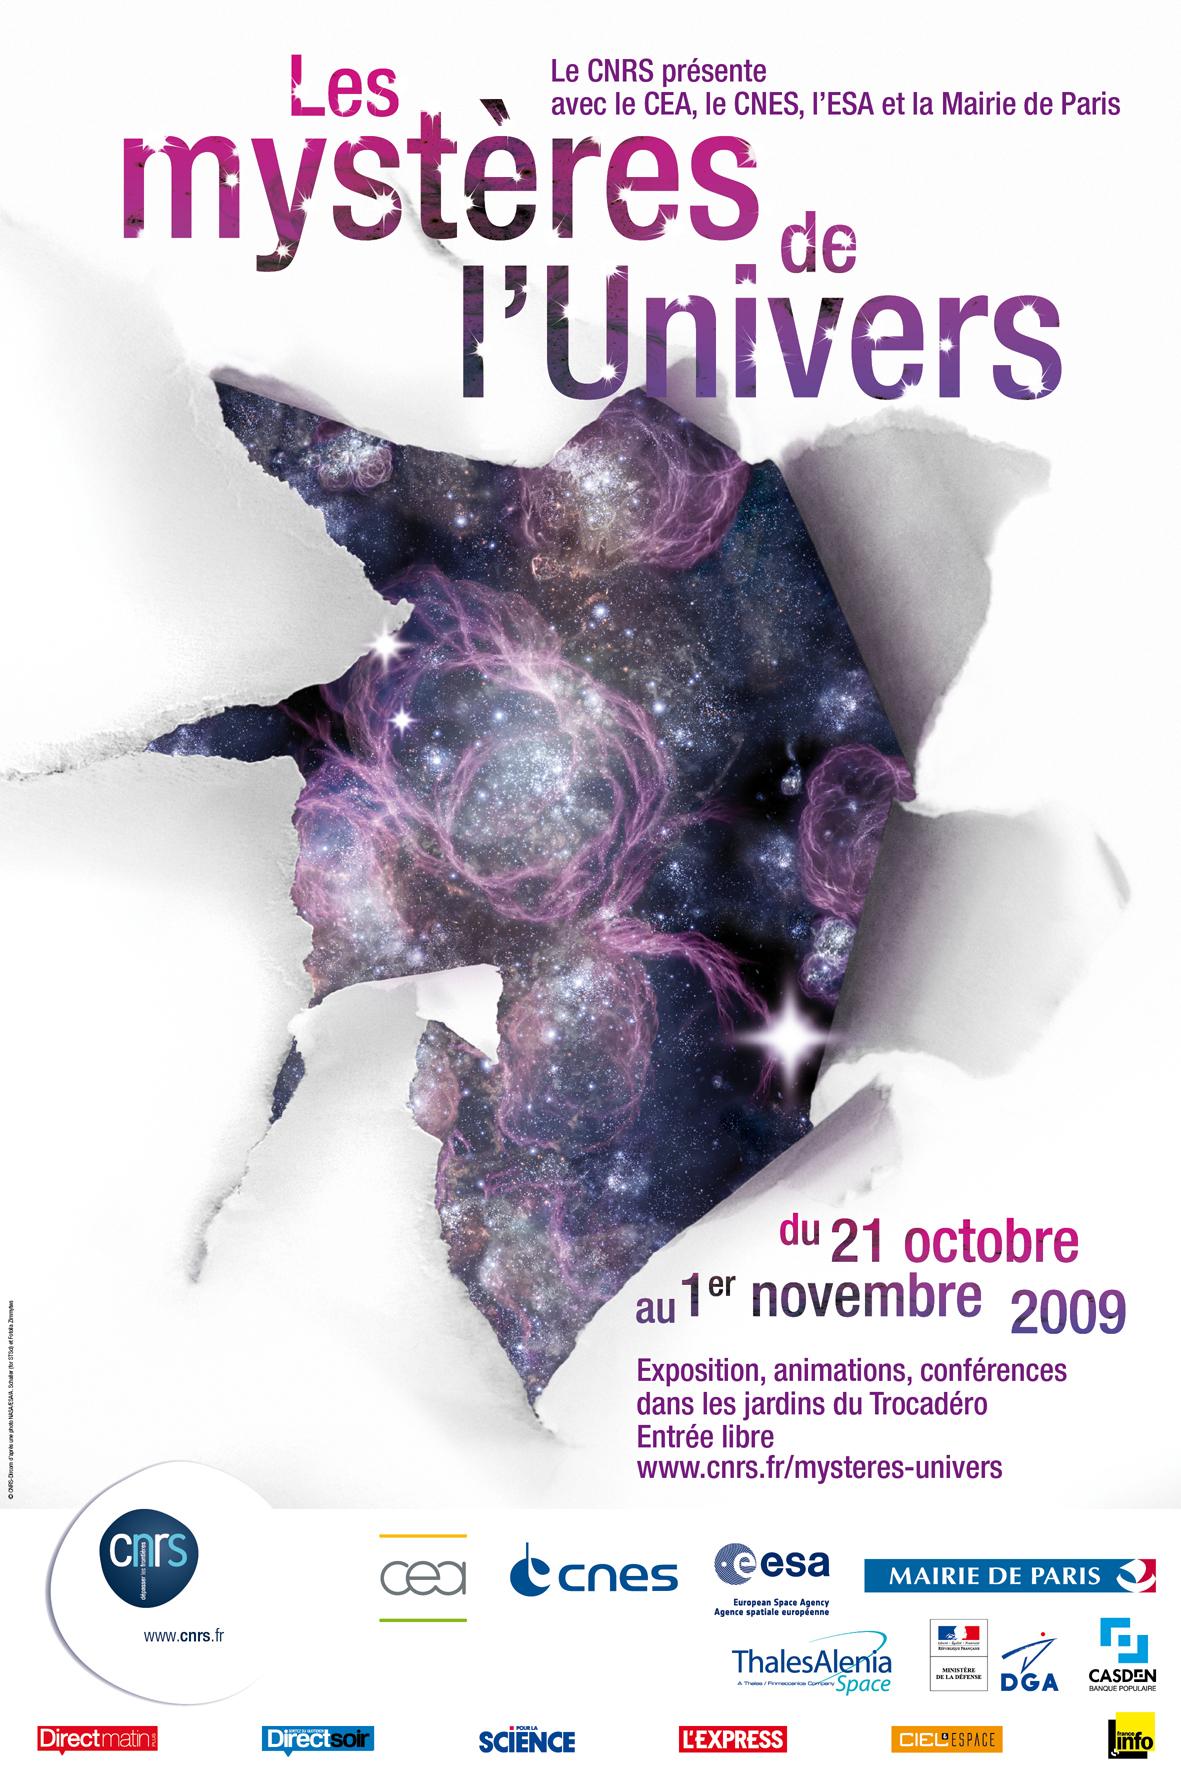 Les mystères de l'Univers  -  Exposition au Trocadéro